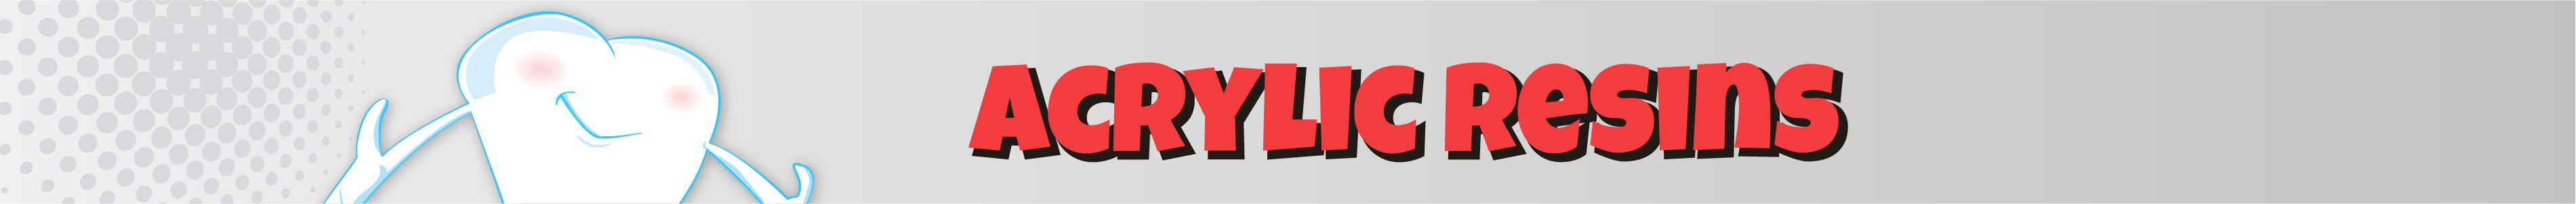 Acrylics-resins image